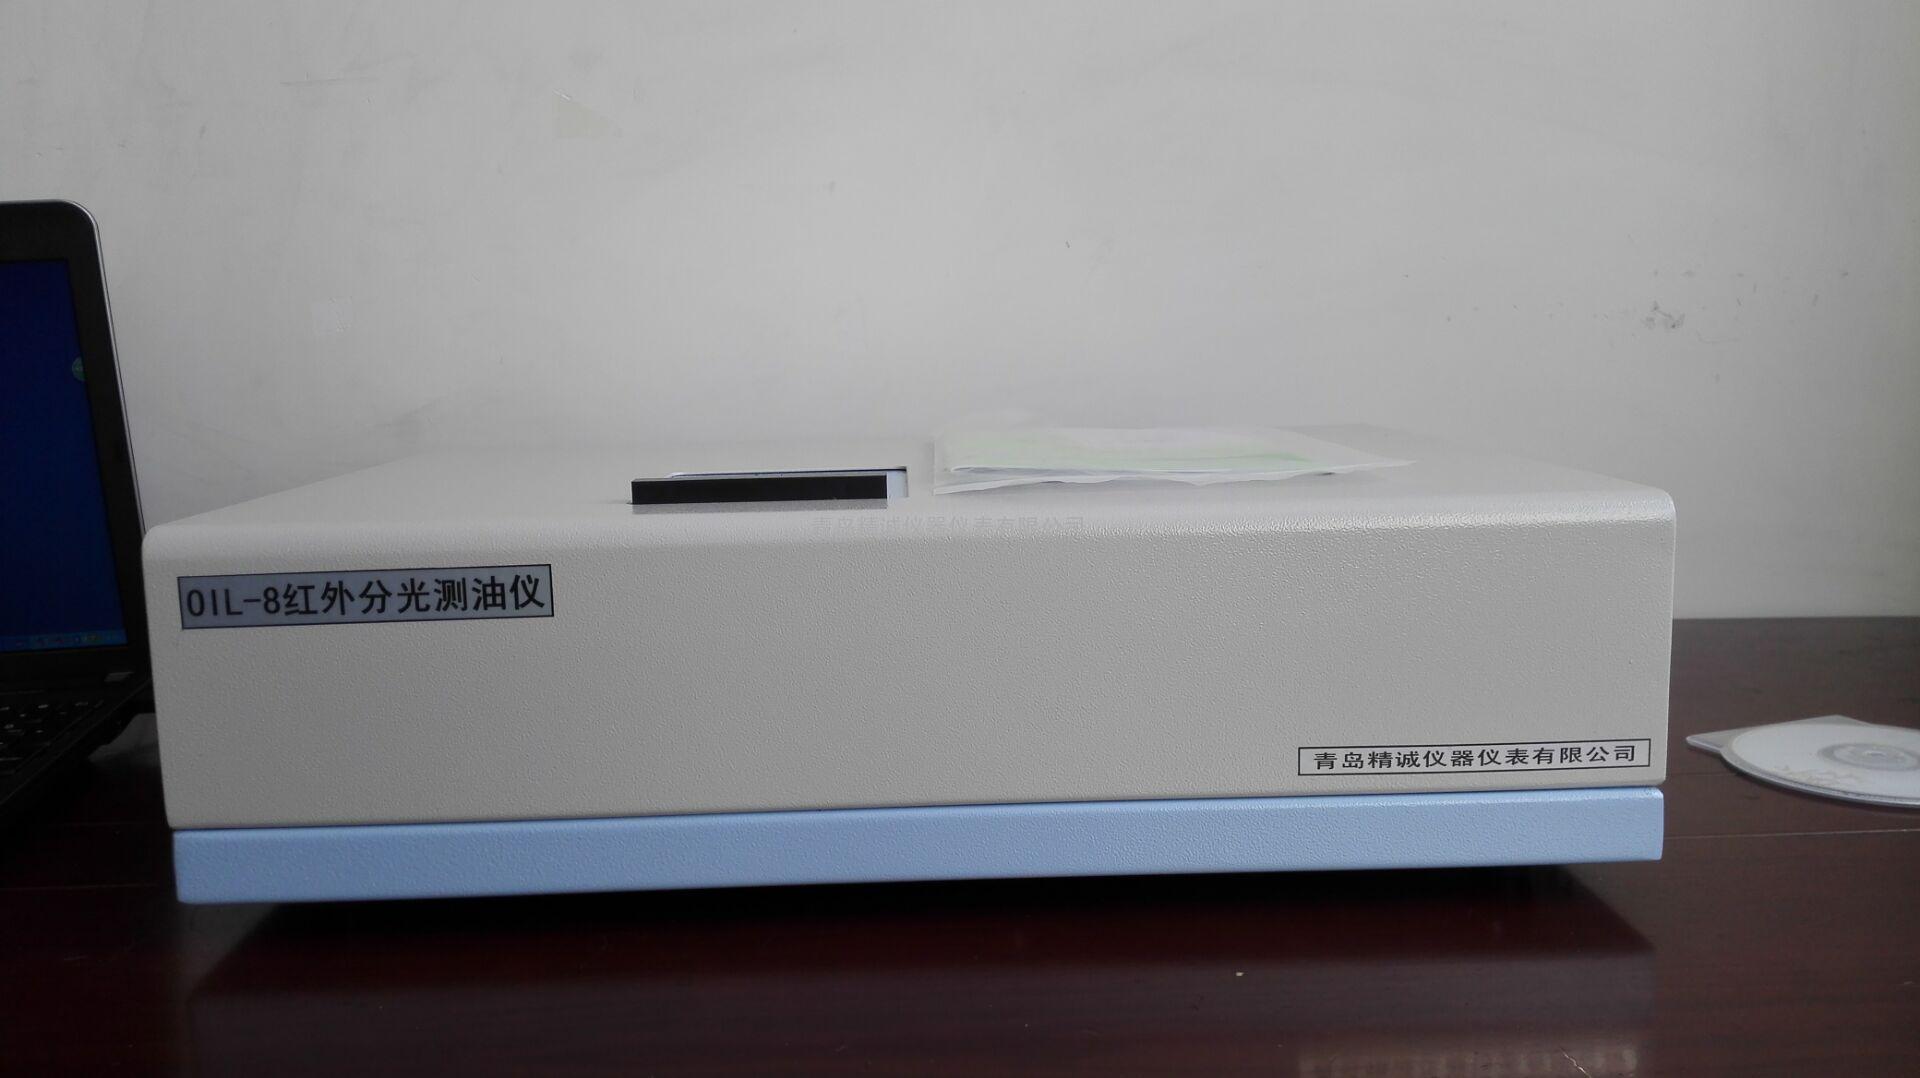 大学实验室专用OIL460型红外测油仪,红外分光测油仪oil460